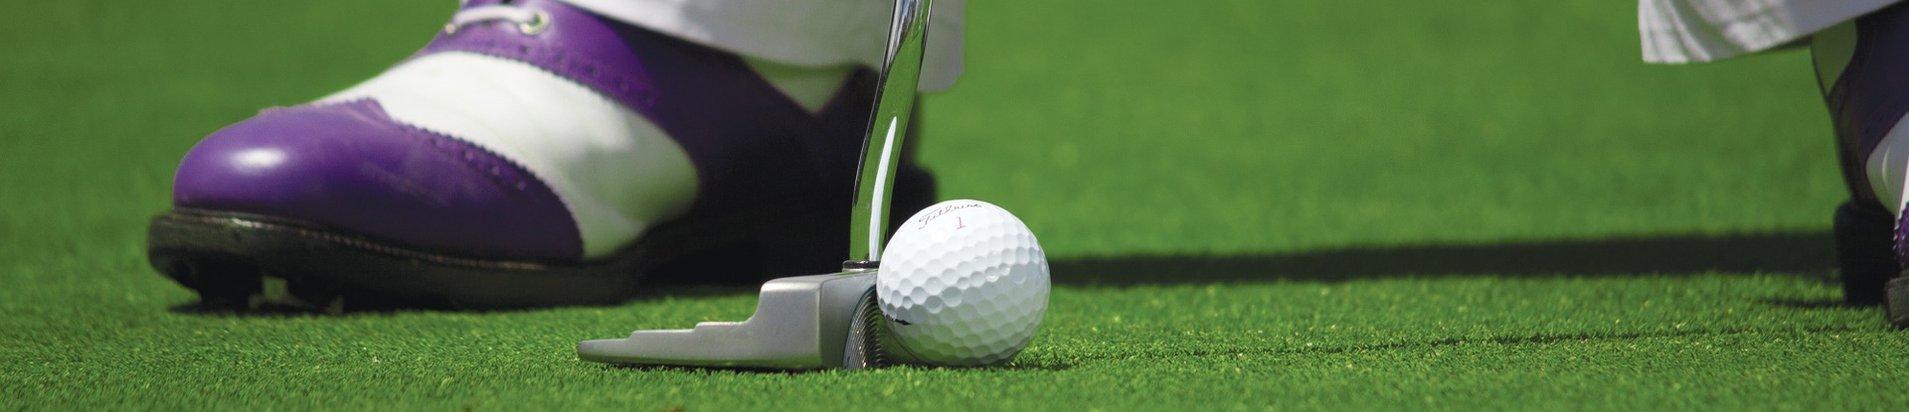 golf landes